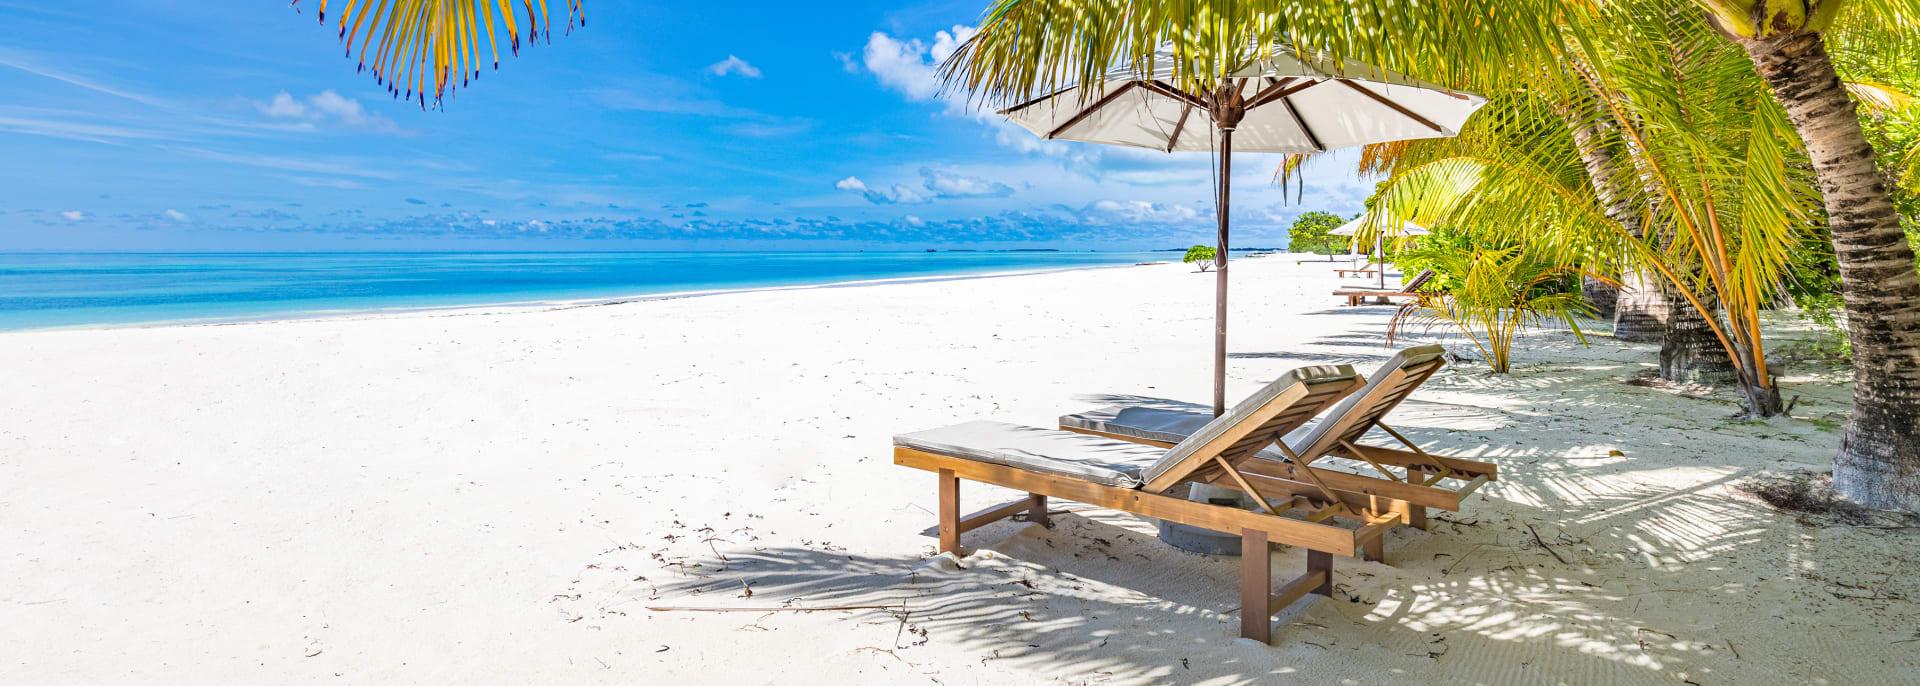 Haa Dhaalu , Malediven